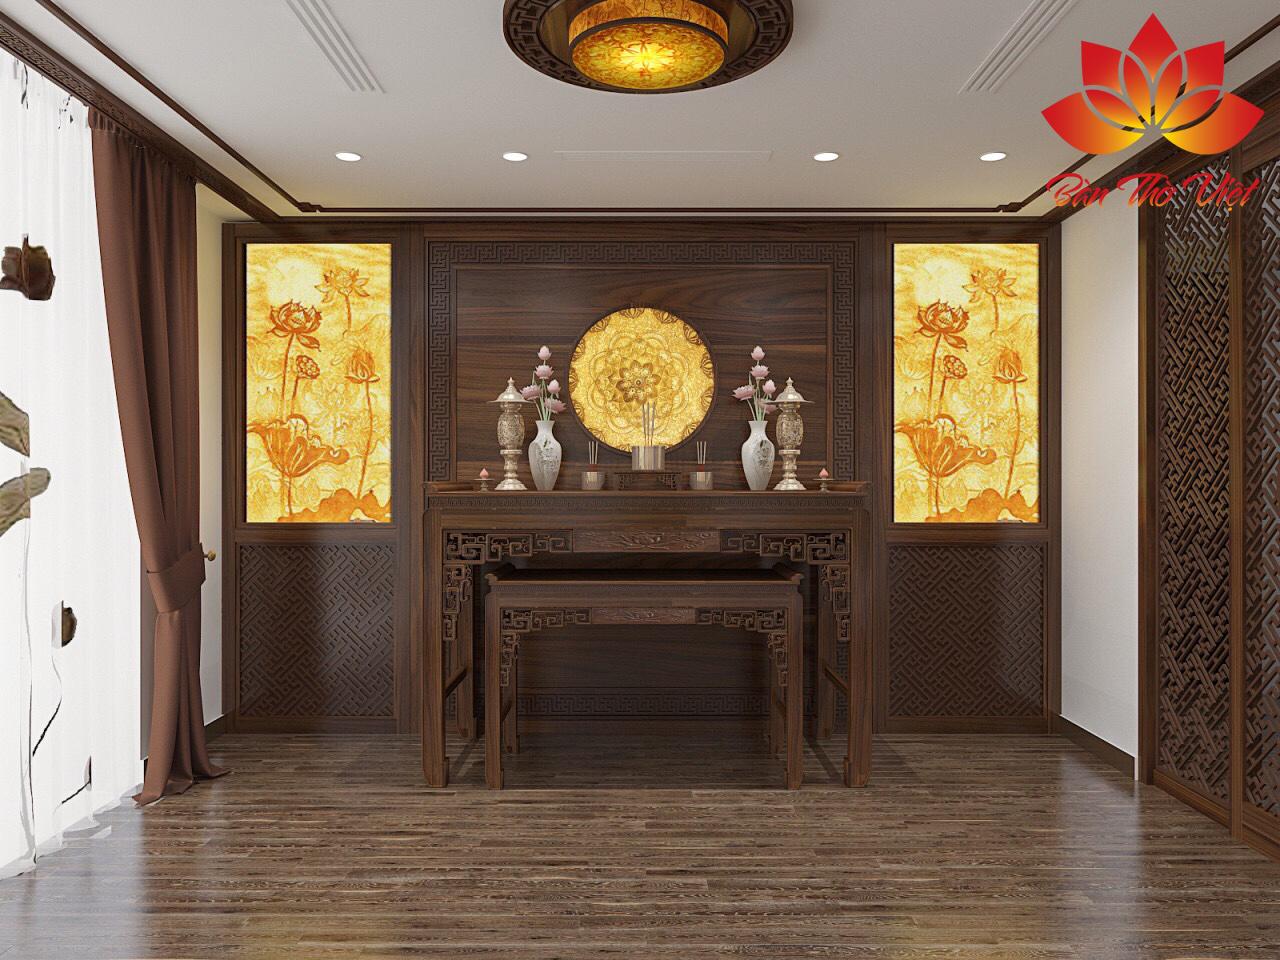 Tranh phong thủy phòng thờ là tranh trúc chỉ vẽ hình hoa sen sang trọng và tôn nghiêm